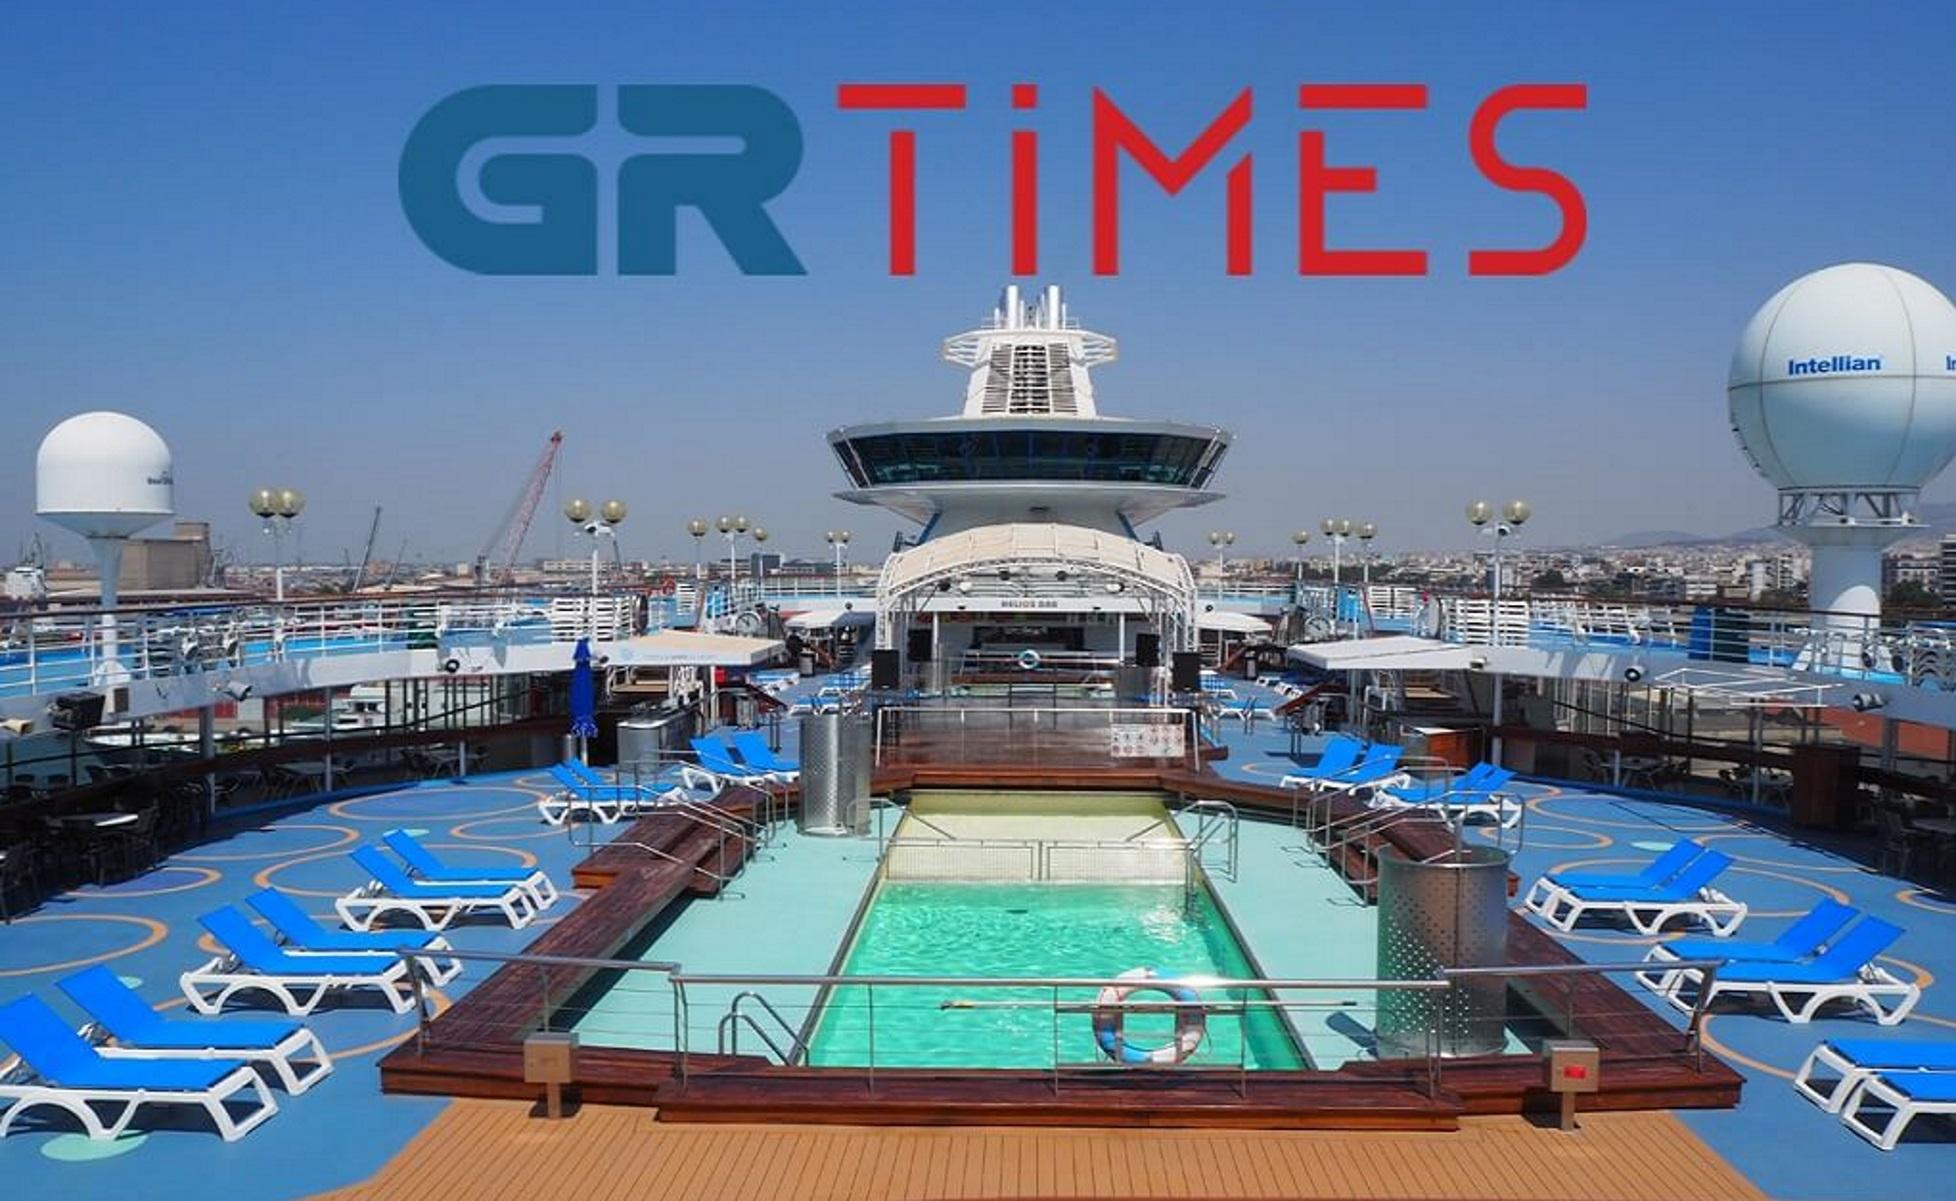 Θεσσαλονίκη: Το πολυτελές κρουαζιερόπλοιο που θάμπωσε τους πάντες (pics, vid)